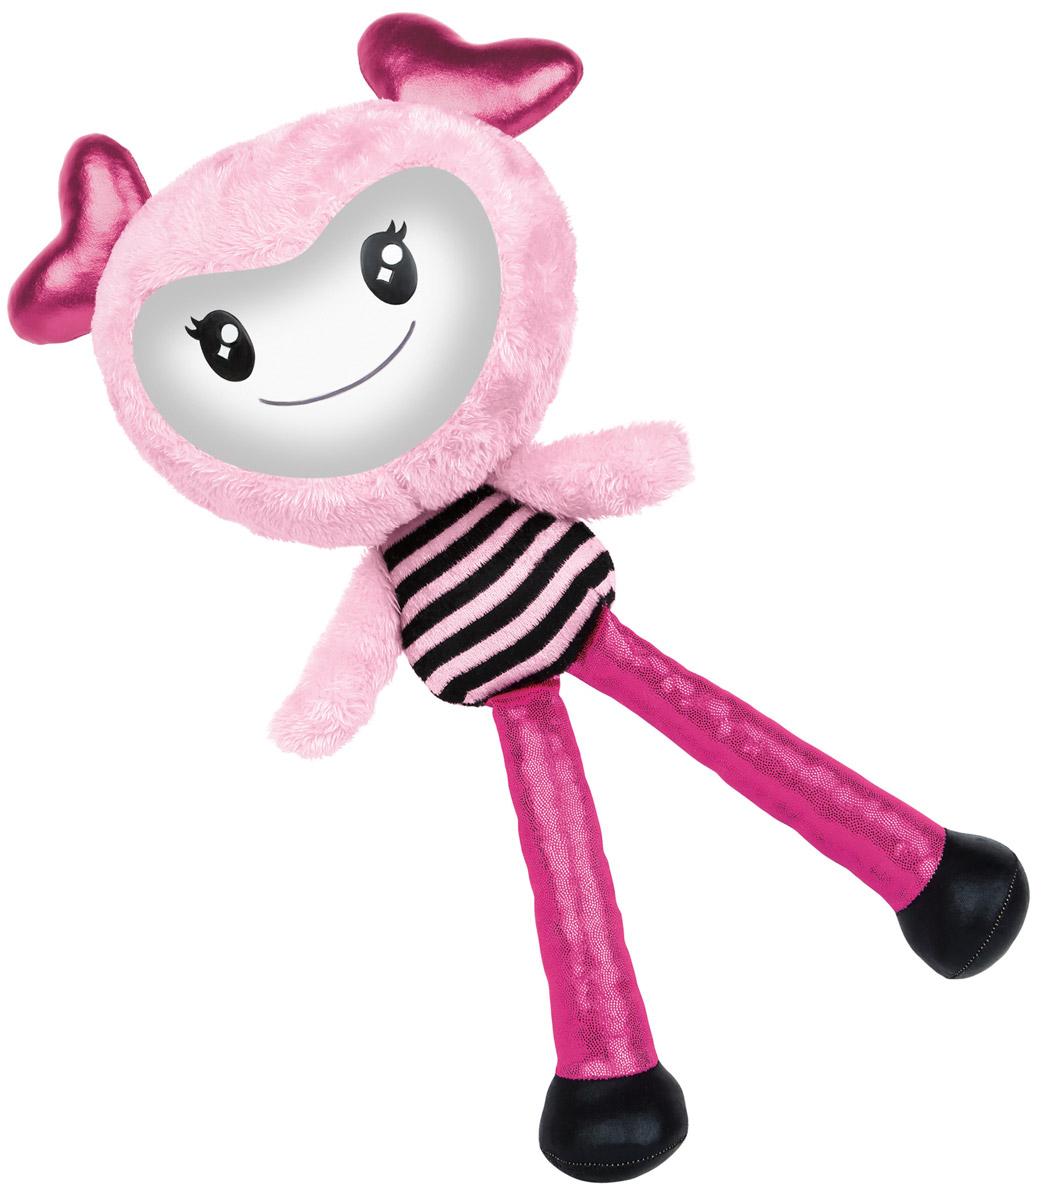 Brightlings Интерактивная игрушка цвет розовый52300_розовыйИнтерактивная игрушка Brightlings, созданная специально для девочек, выглядит очень ярко, красочно и необычно. У игрушки три режима игры: разговор, повторение, музыка. Она умеет произносить более 100 фраз! Игрушка реагирует на действия: так, например, если погладить ее по спине, она скажет, что это очень мило, а если потрясти ее - выразит недовольство и попросит прекратить. Таким образом, игрушка сможет стать для девочки самой настоящей, верной подружкой! В режиме музыки игрушка проигрывает мелодии в различных стилях (опера, поп-музыка, рок-н-ролл, джаз, йодль, битбокс). Меняя положение игрушки, ребенок переключает мелодии - таким образом, девочка сможет почувствовать себя самым настоящим ди-джеем! Рекомендуется докупить 3 батарейки напряжением 1,5V типа ААА (товар комплектуется демонстрационными).